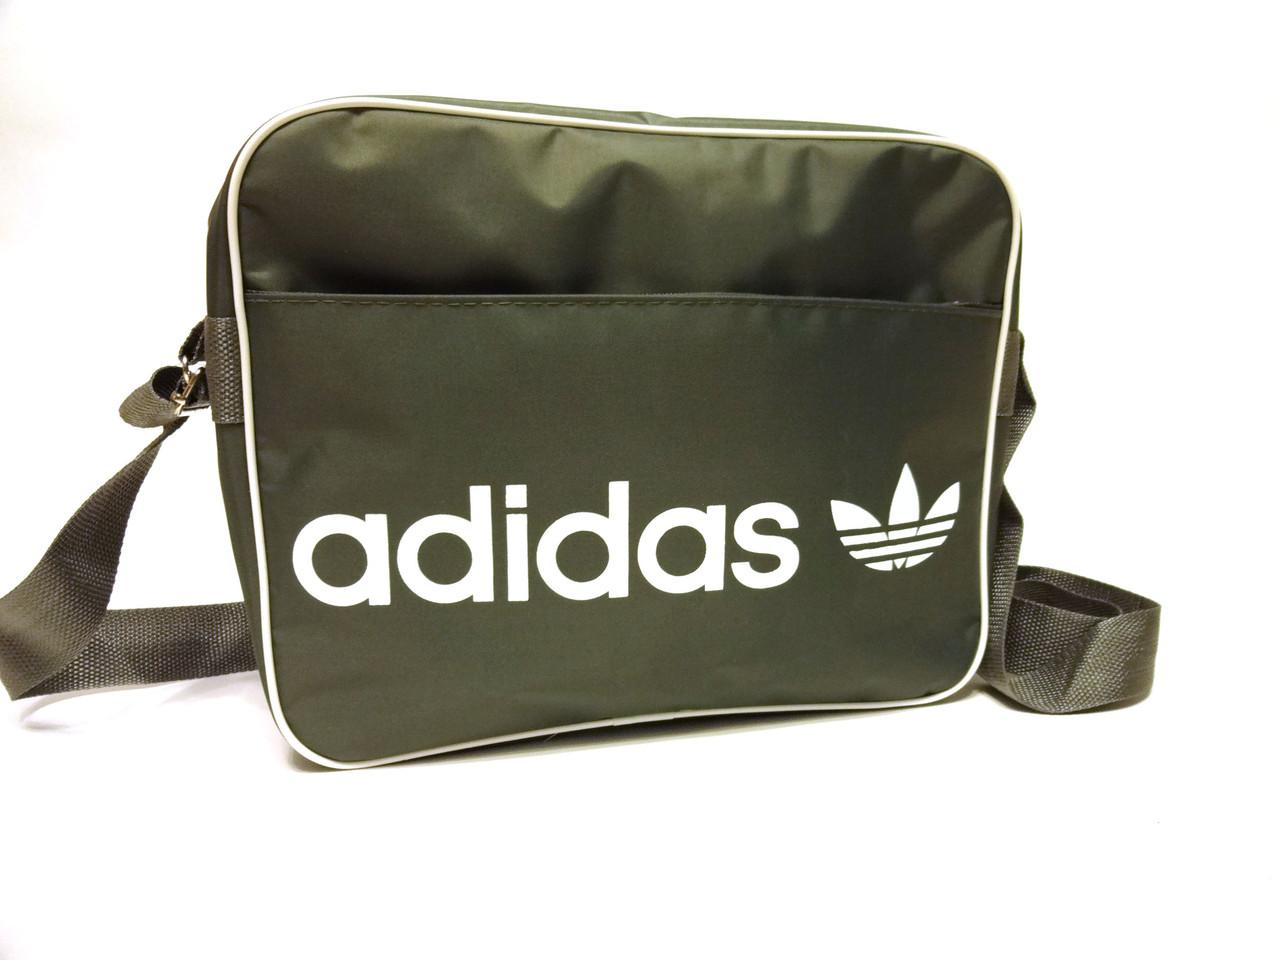 d66dfeab3c30 Спортивная сумка планшет Adidas (Адидас) через плечо, серая с белым принтом  реплика